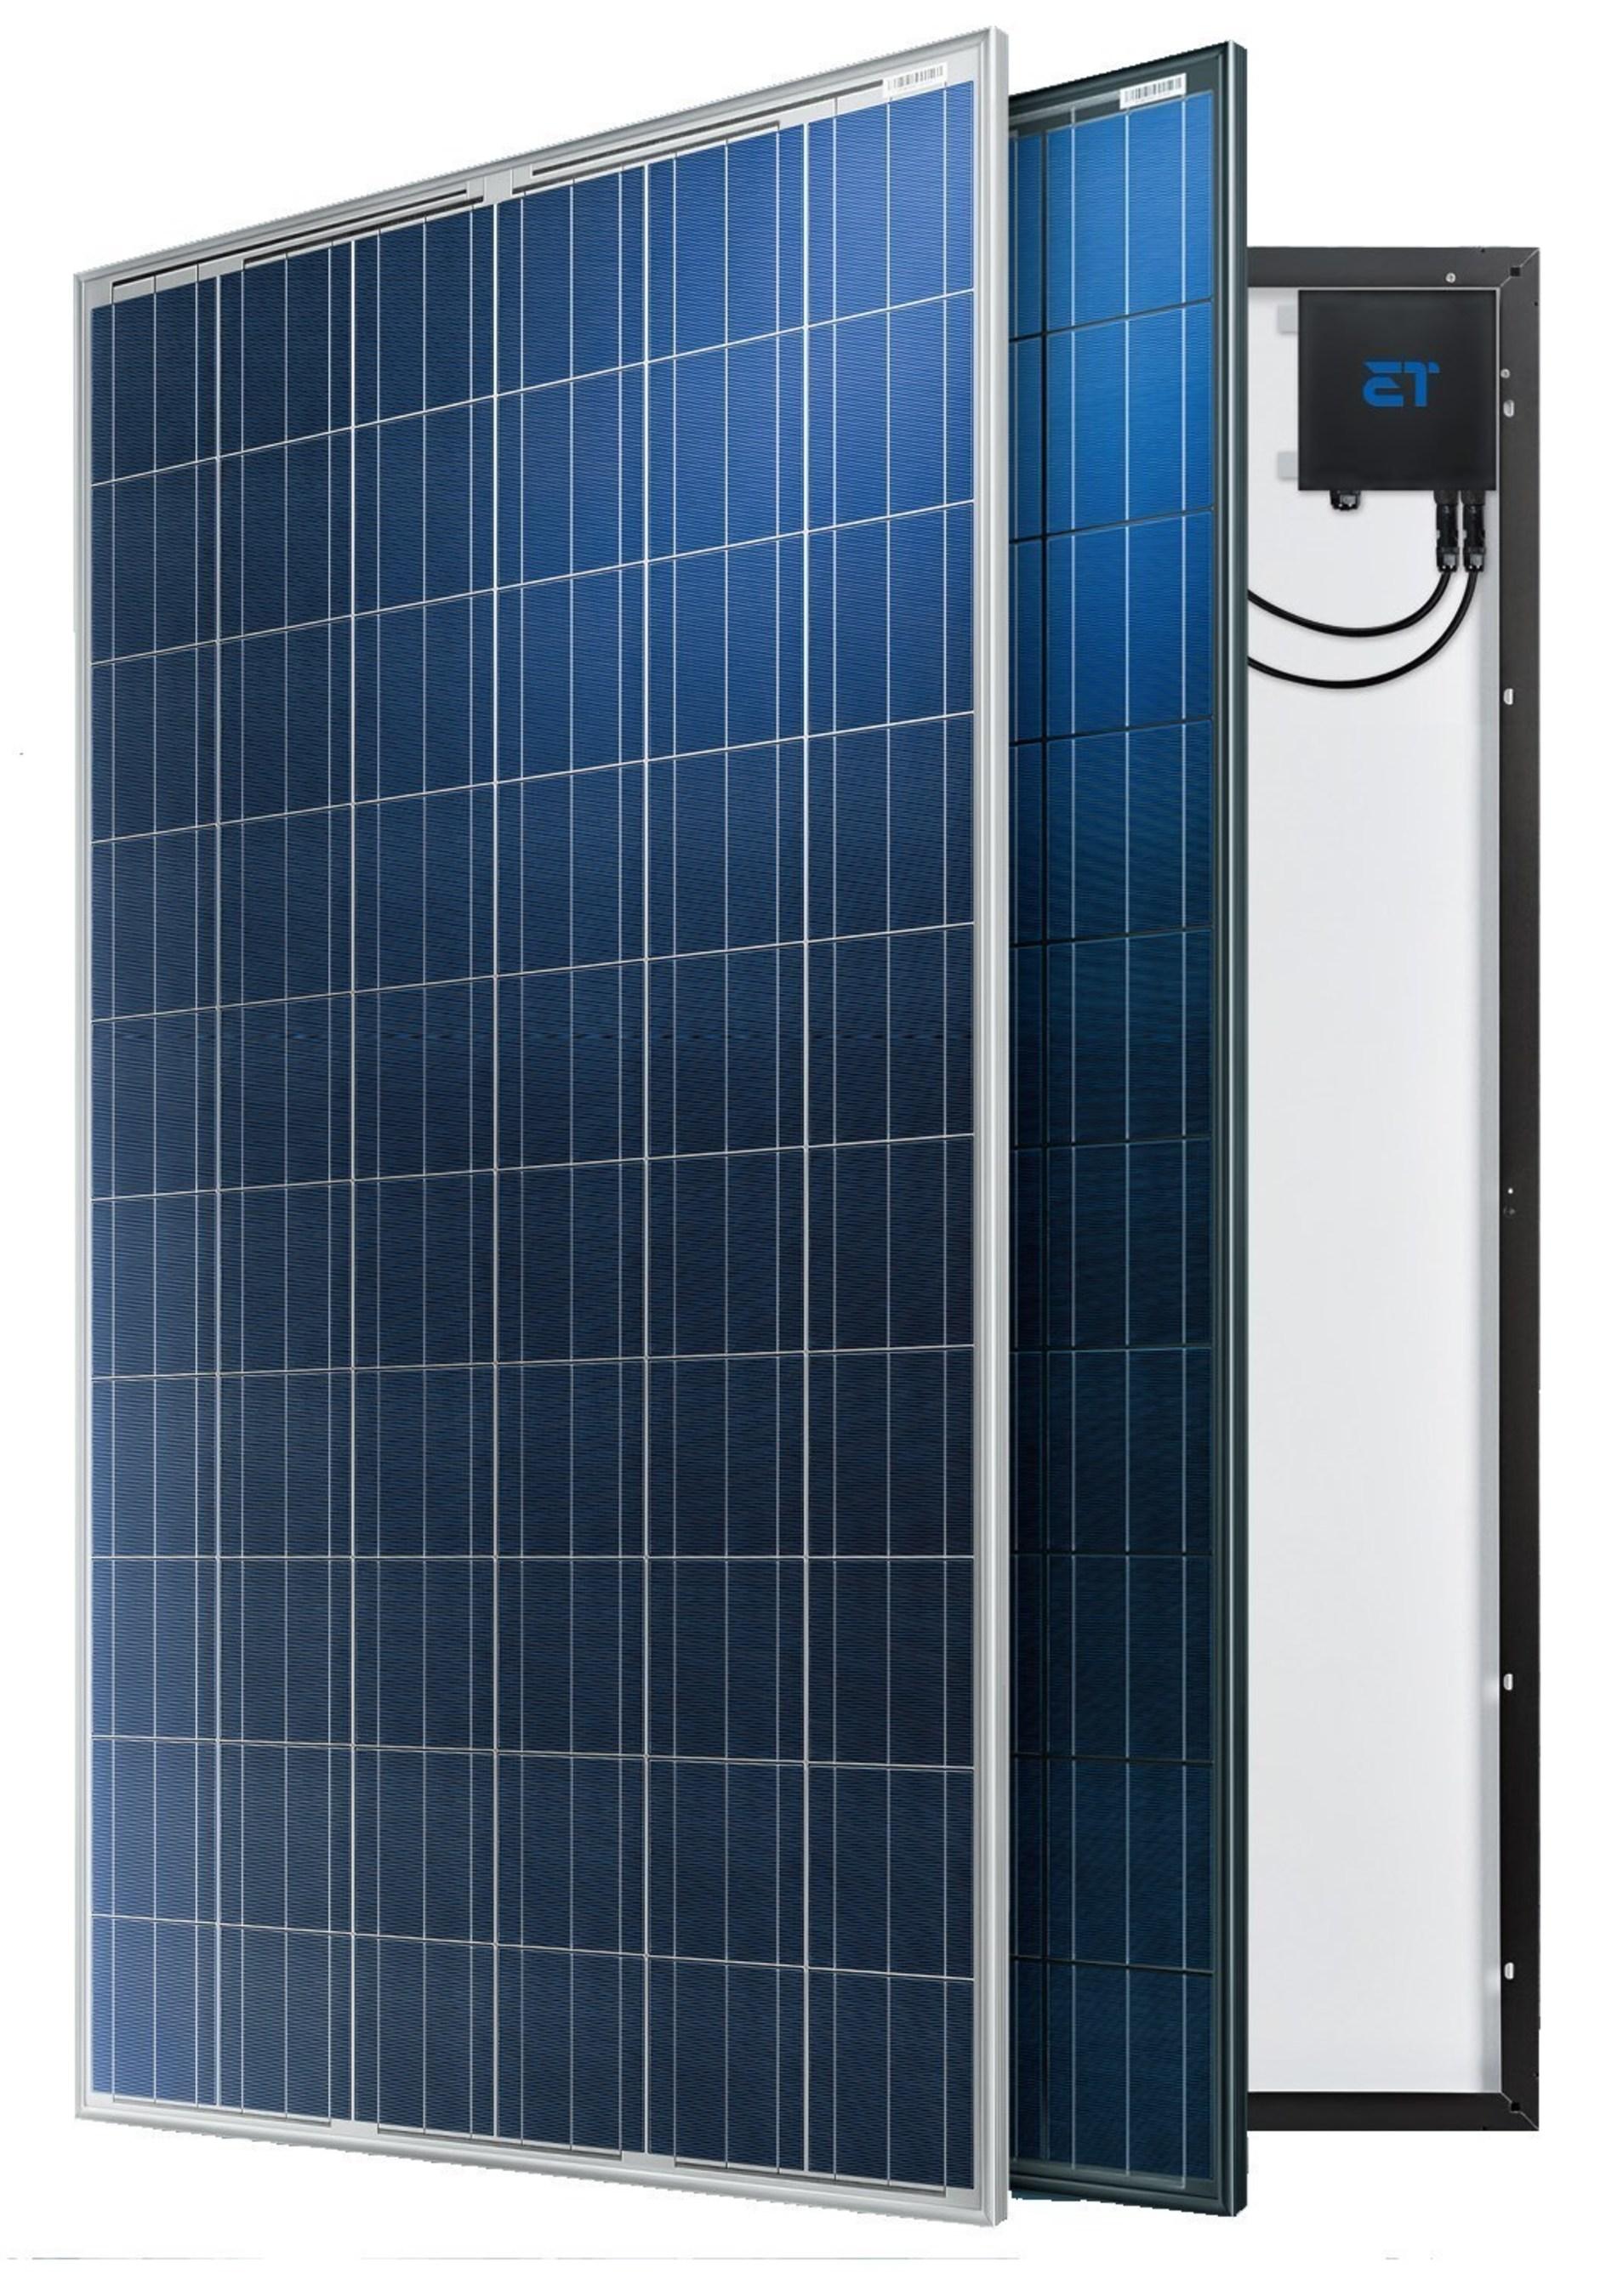 ET Solar lanza los módulos AC de próxima generación en Japón